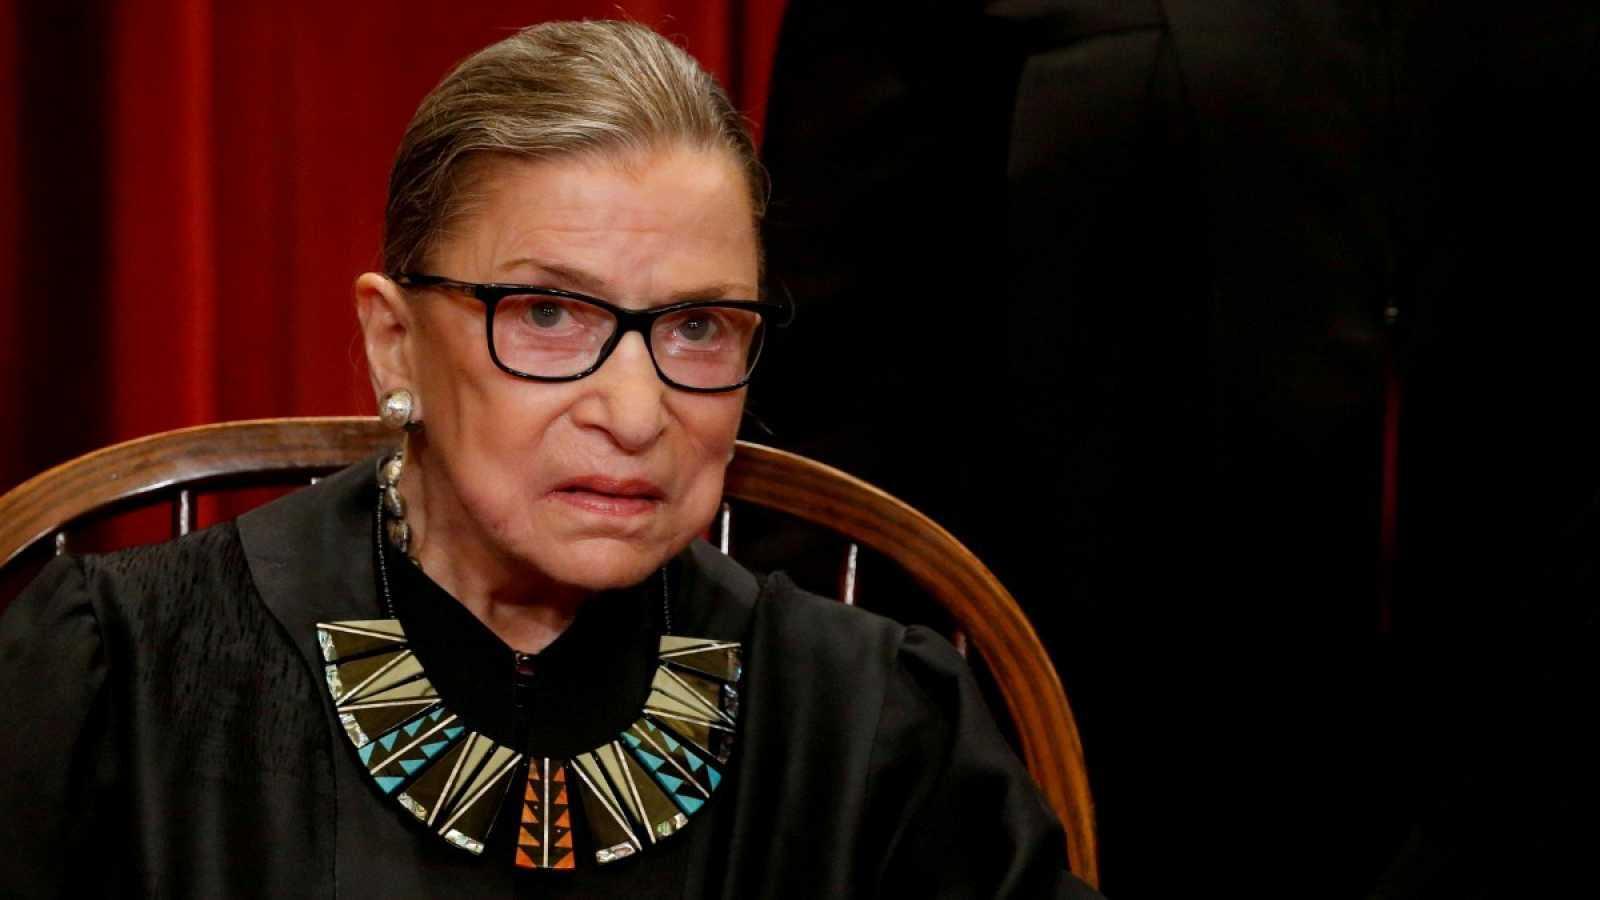 Cientos de personas rinden homenaje en Estados Unidos a la fallecida jueza Ruth Bader Ginsburg